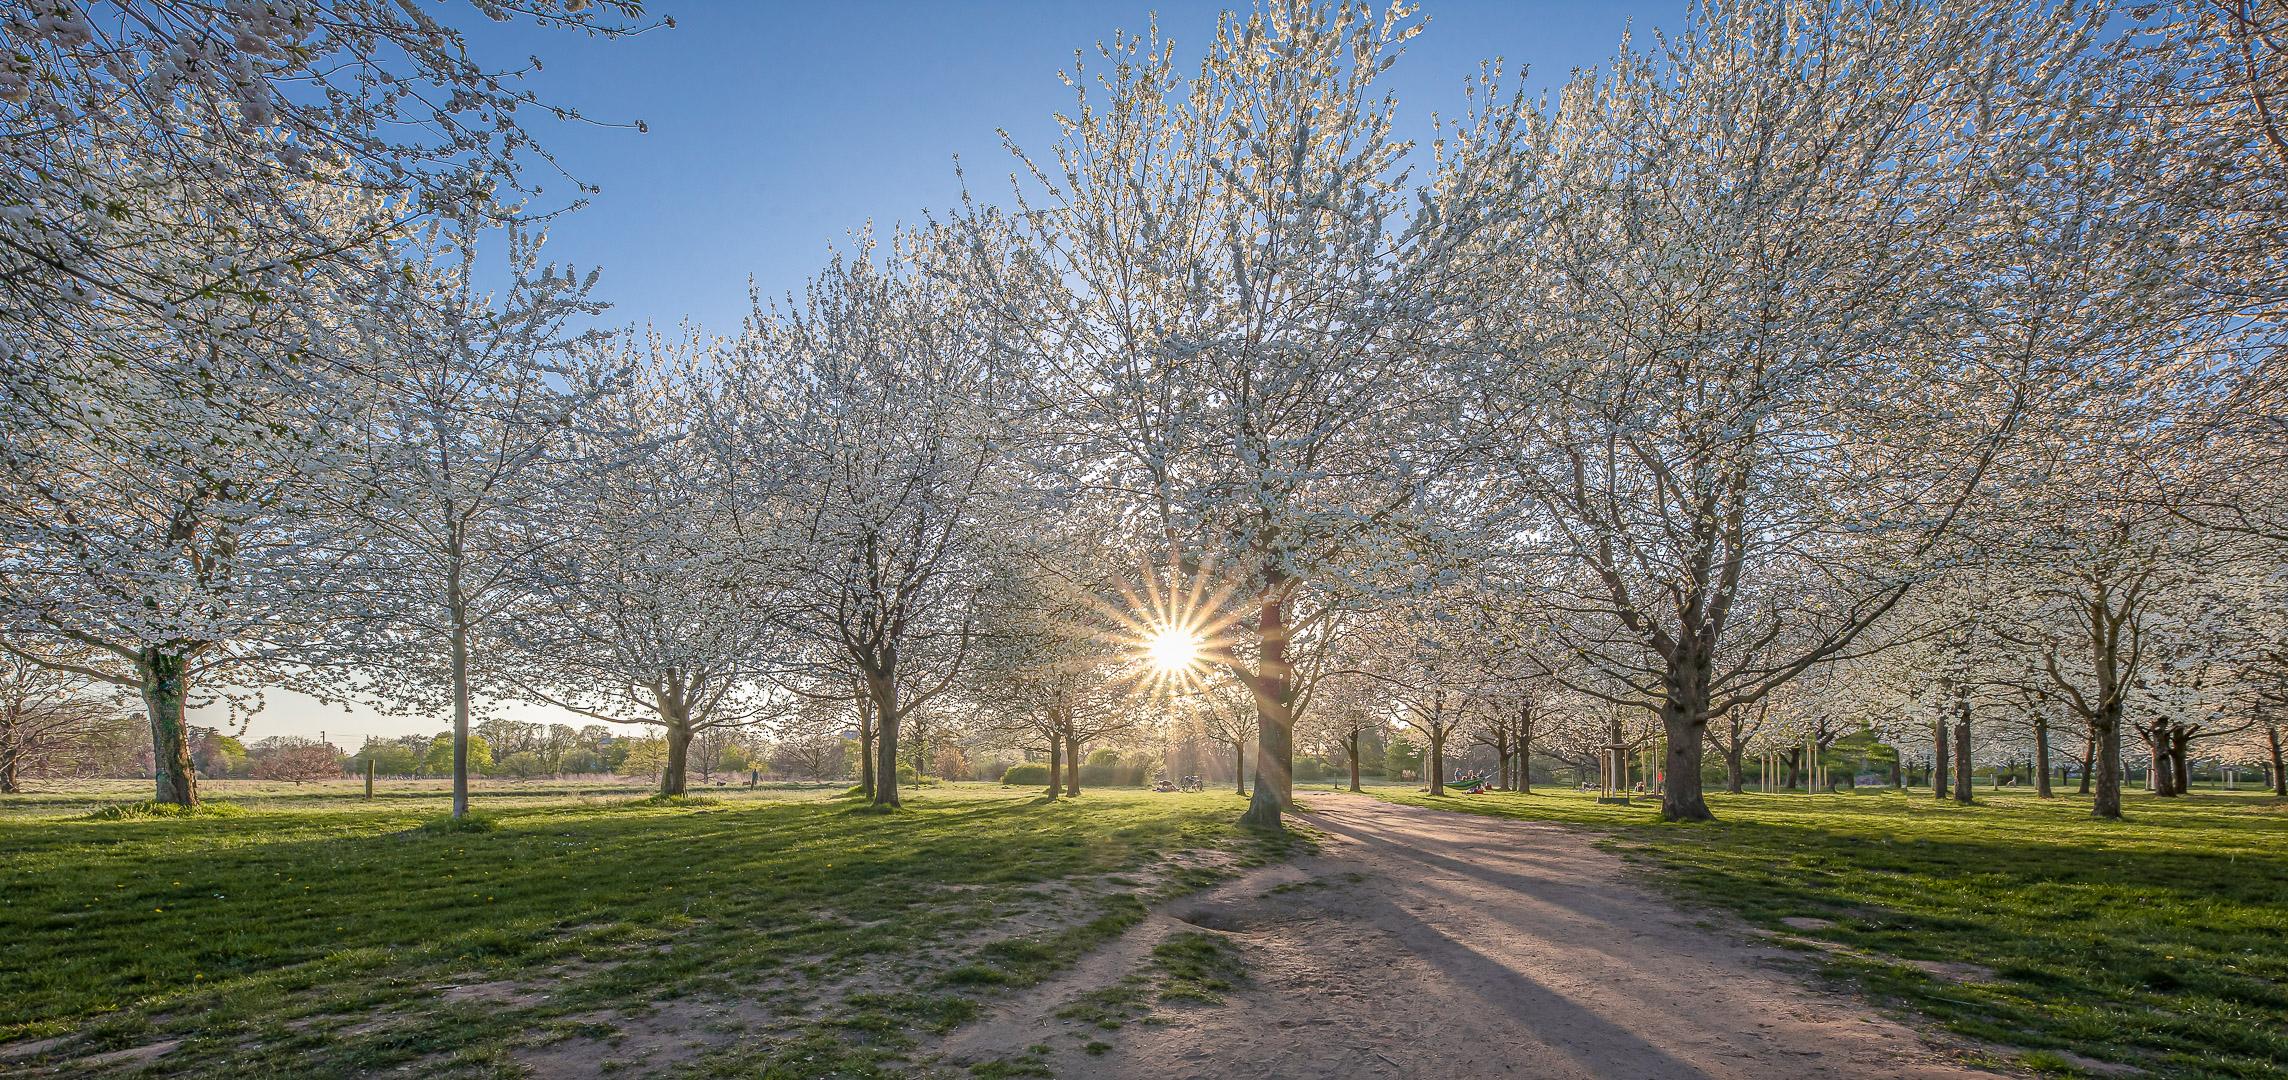 Kirschblüte / cherry blossom